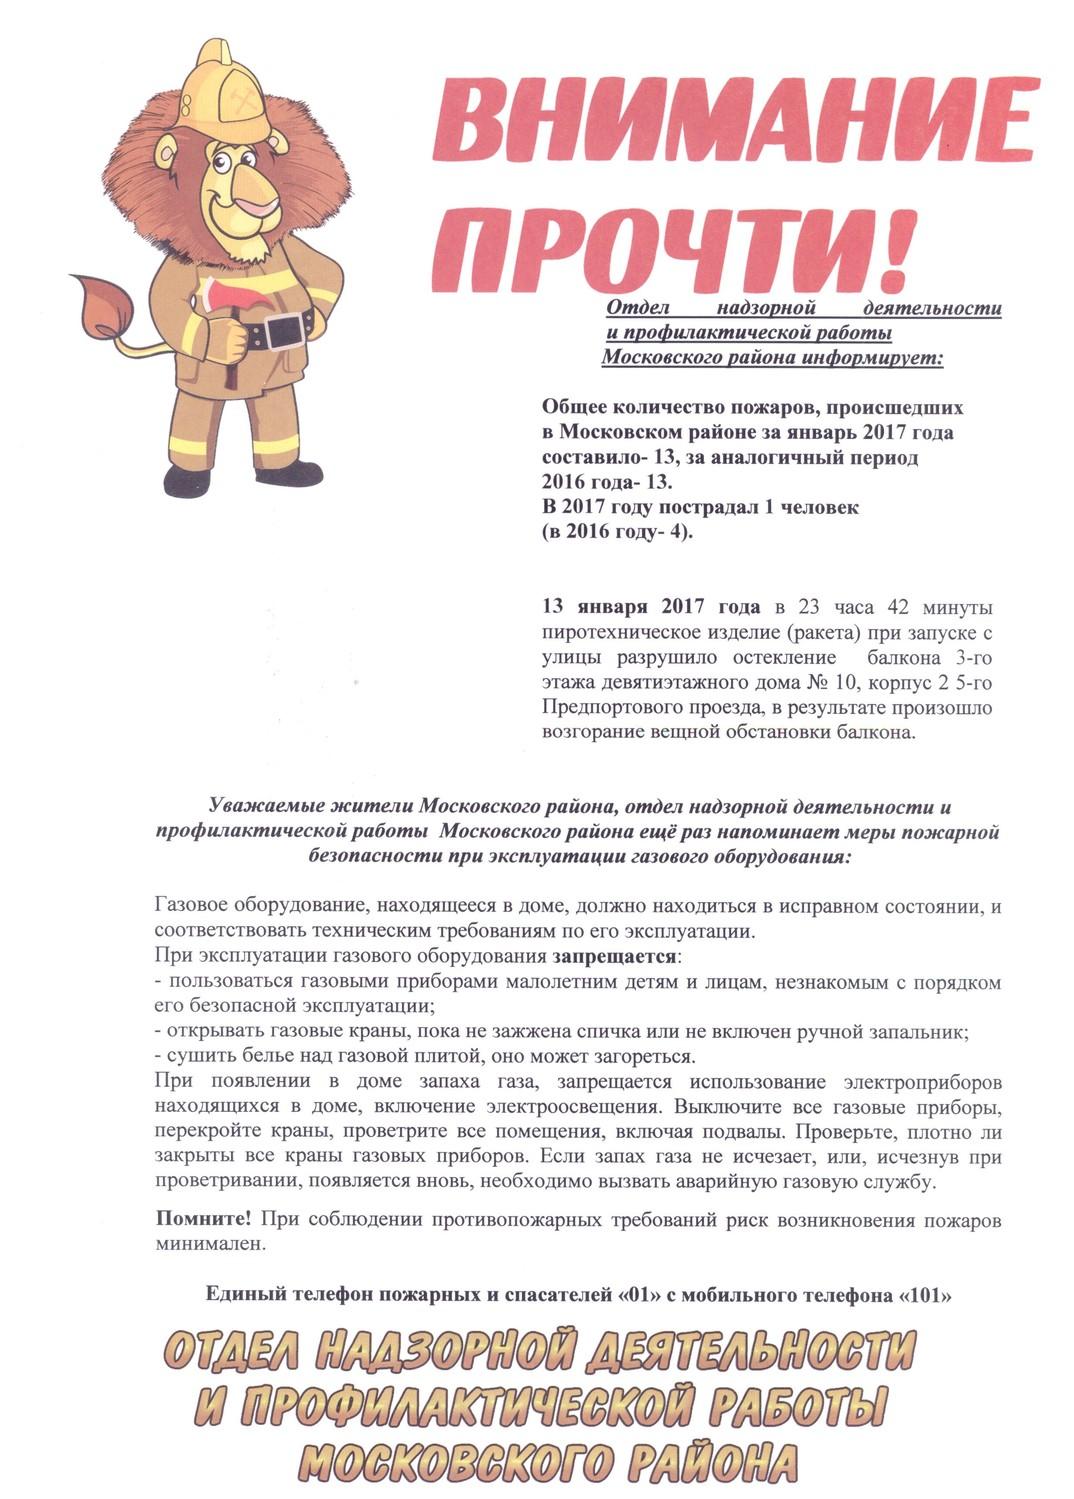 Расписание врачей детской поликлиники города ижевска